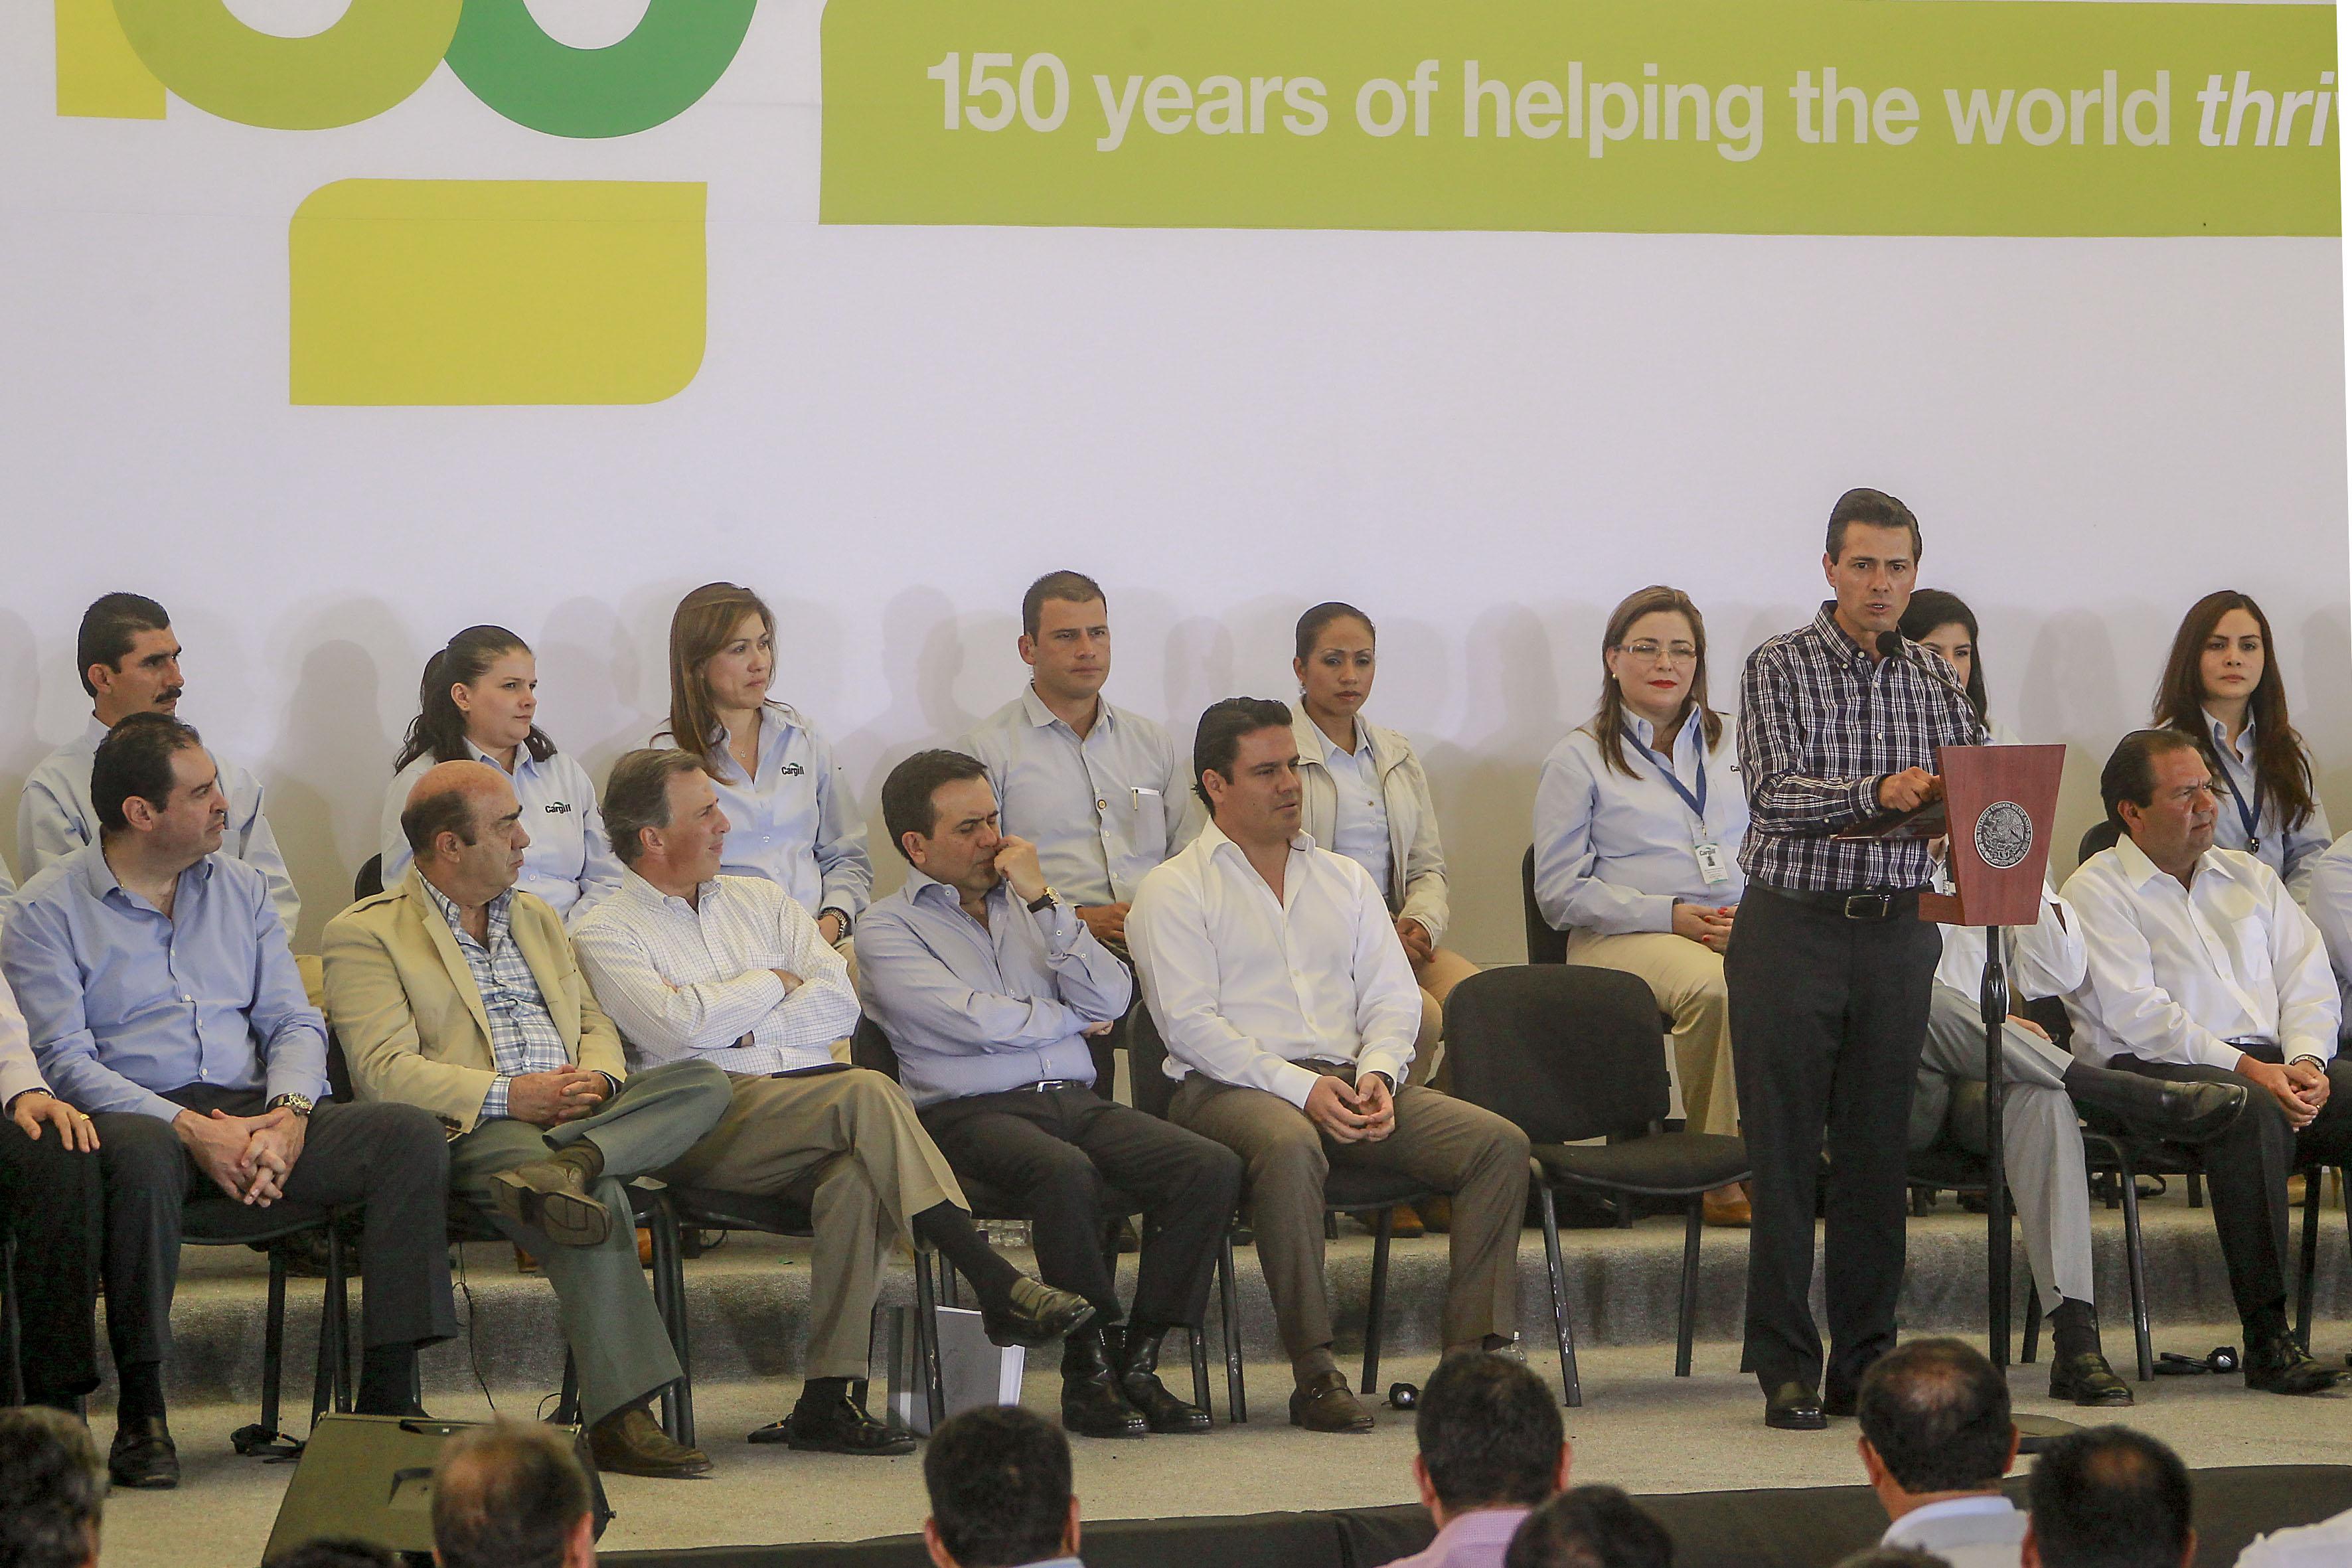 En la imagen, el Presidente Enrique Peña Nieto durante el anuncio de inversión por  7 mil millones de dólares de la empresa Cargill. En la foto aparece el titular de la SEDATU, Jesús Murillo Karam, junto con otros miembros del Gabinete.